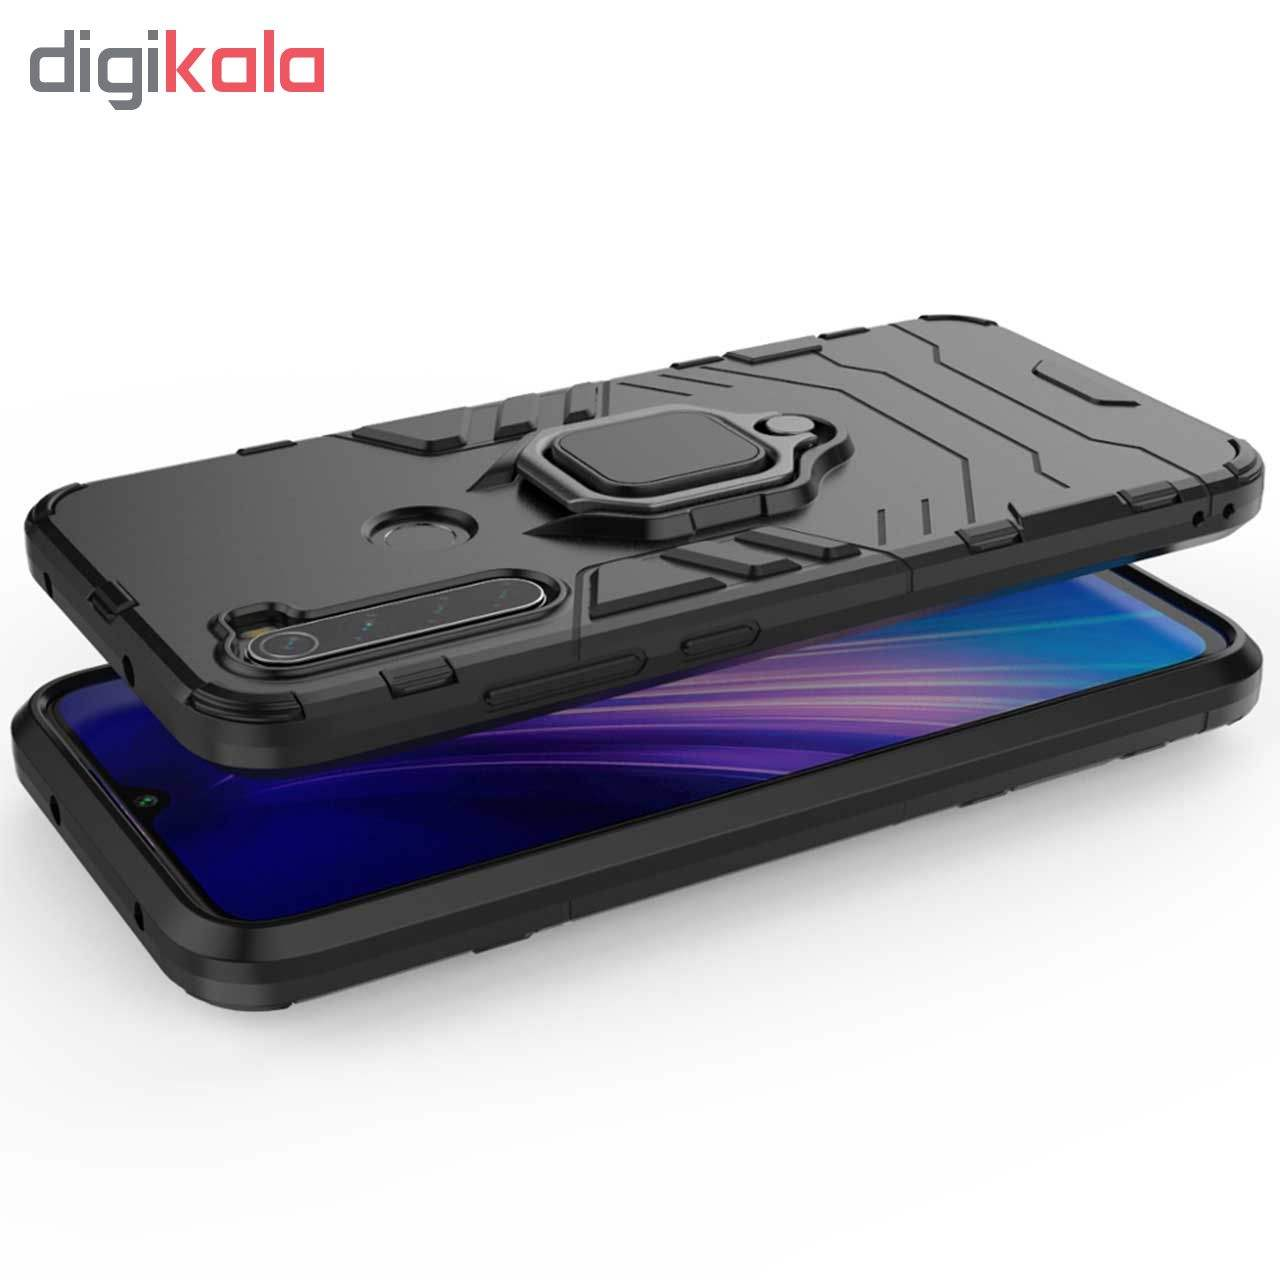 کاور مدل DEF02 مناسب برای گوشی موبایل شیائومی Redmi Note 8 main 1 4